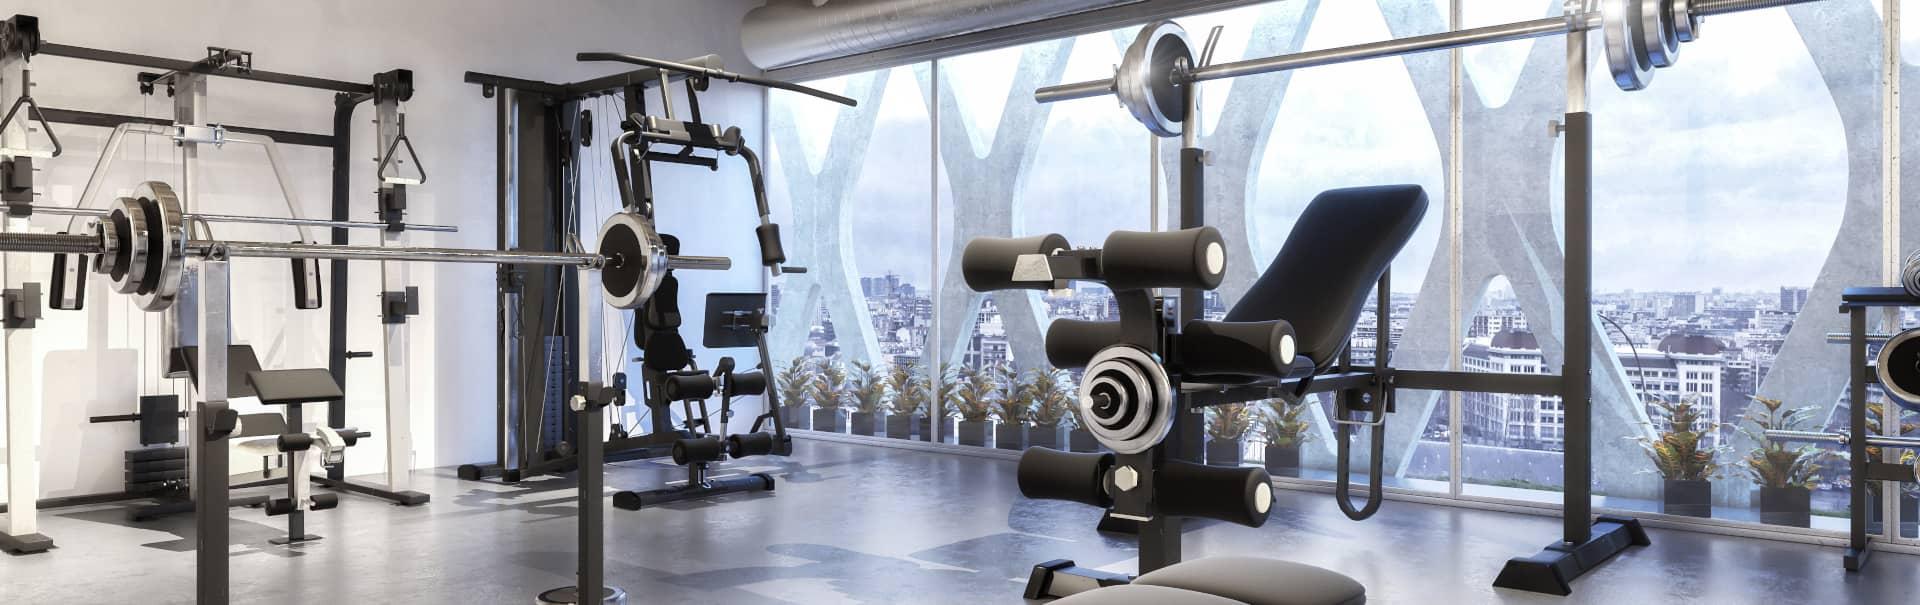 Fitnessstudio muss Beiträge wegen Schließung zurückzahlen